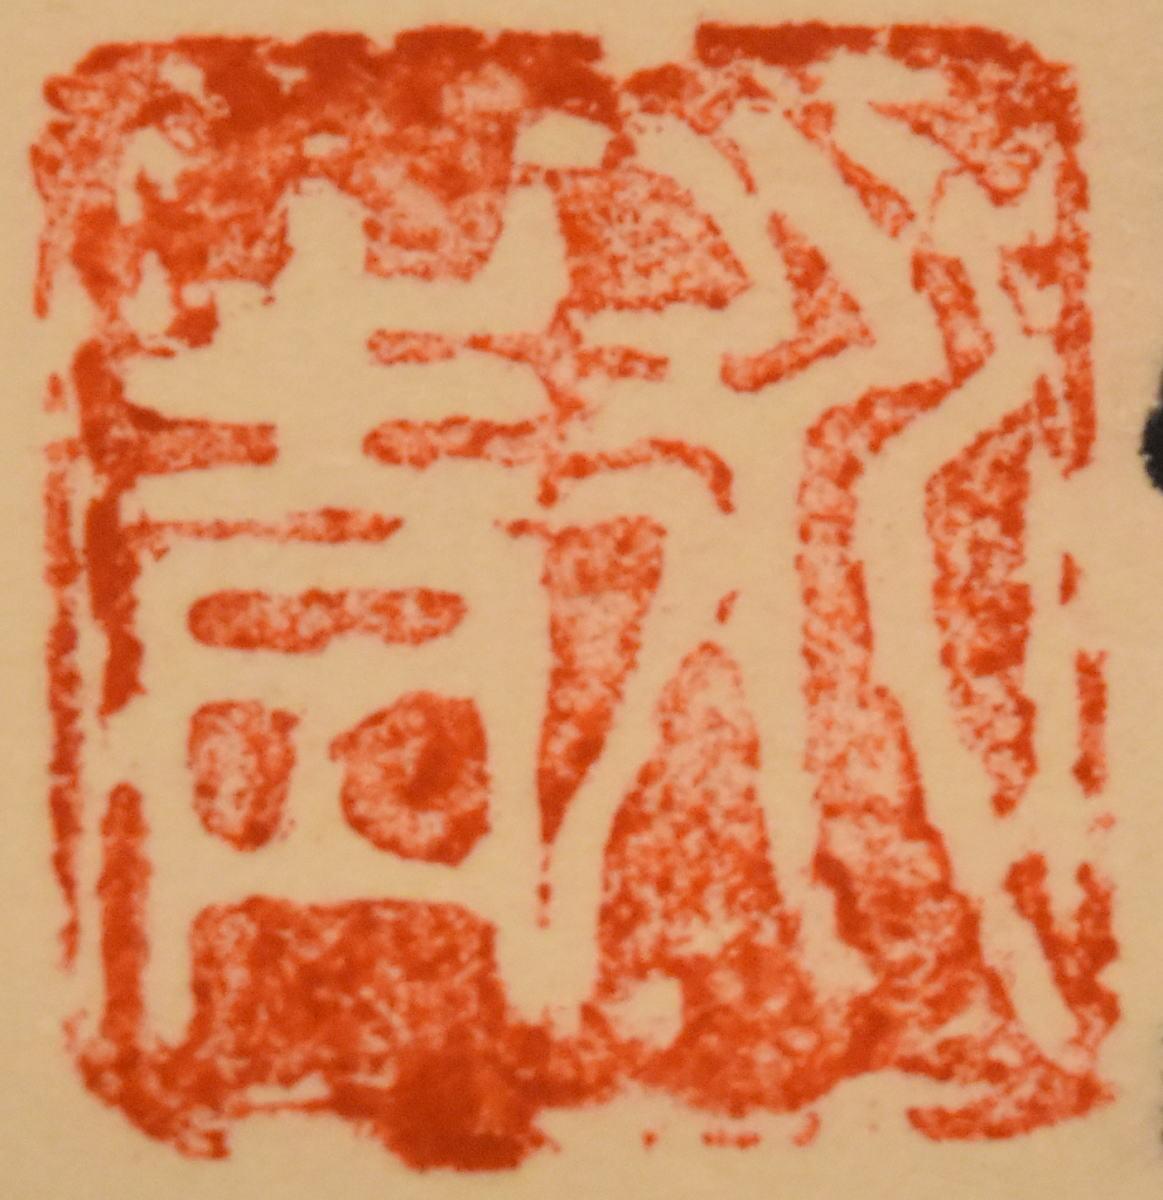 亀寿図 手巻き画絵巻 在銘 画軸 紙本 書軸 お寺 肉筆 立軸 古画 年代保証 掛け軸 古美術 茶掛 中国書画 唐物 入札 WWKK152_画像5